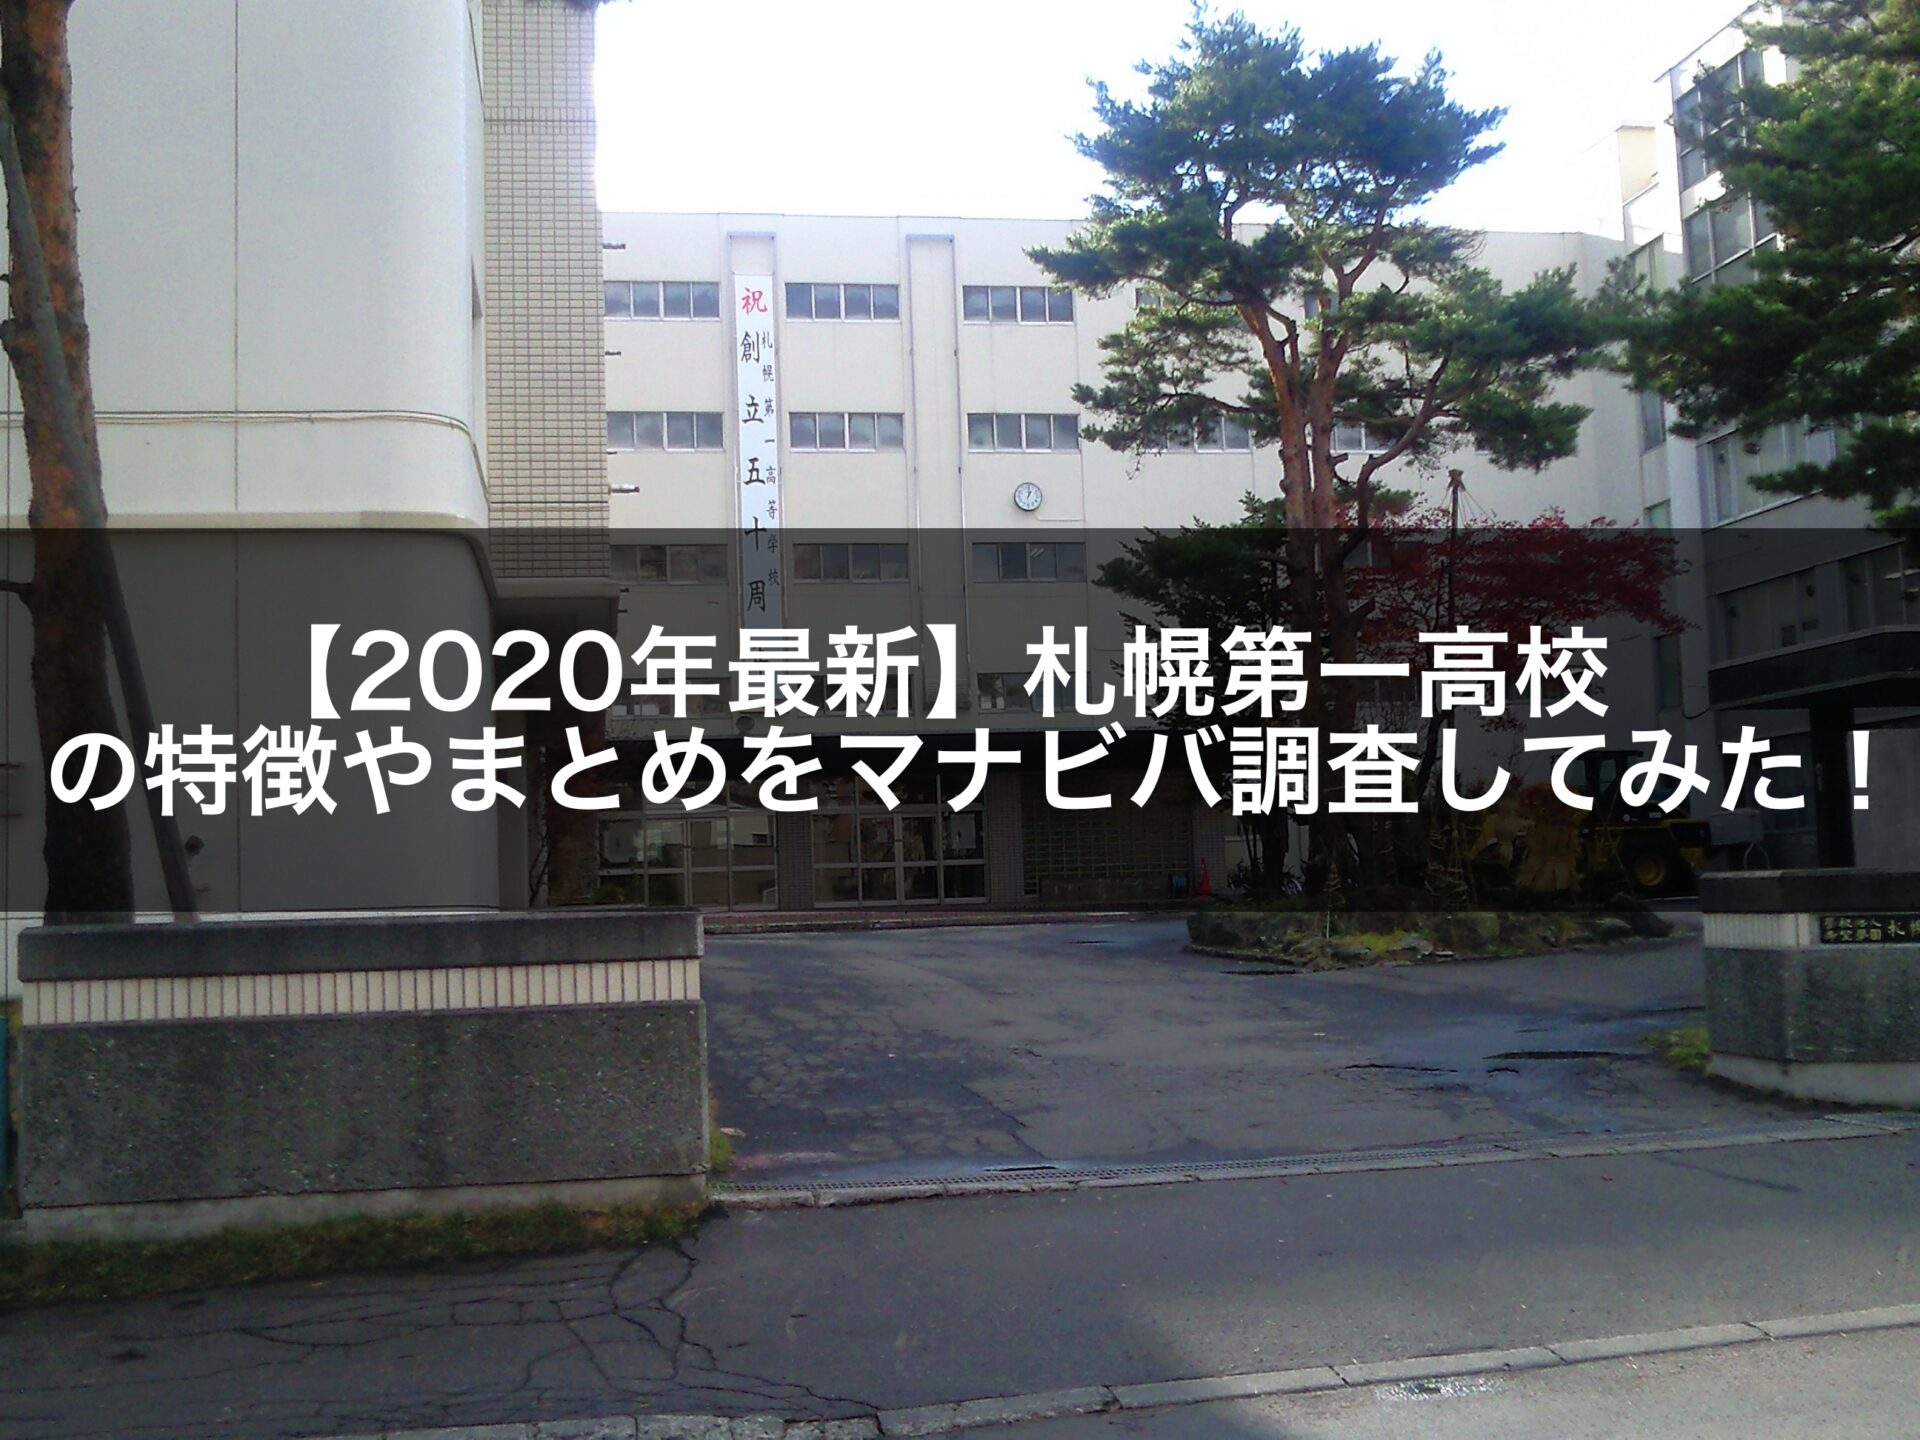 【2020年最新】札幌第一高校の特徴やまとめをマナビバ調査してみた!